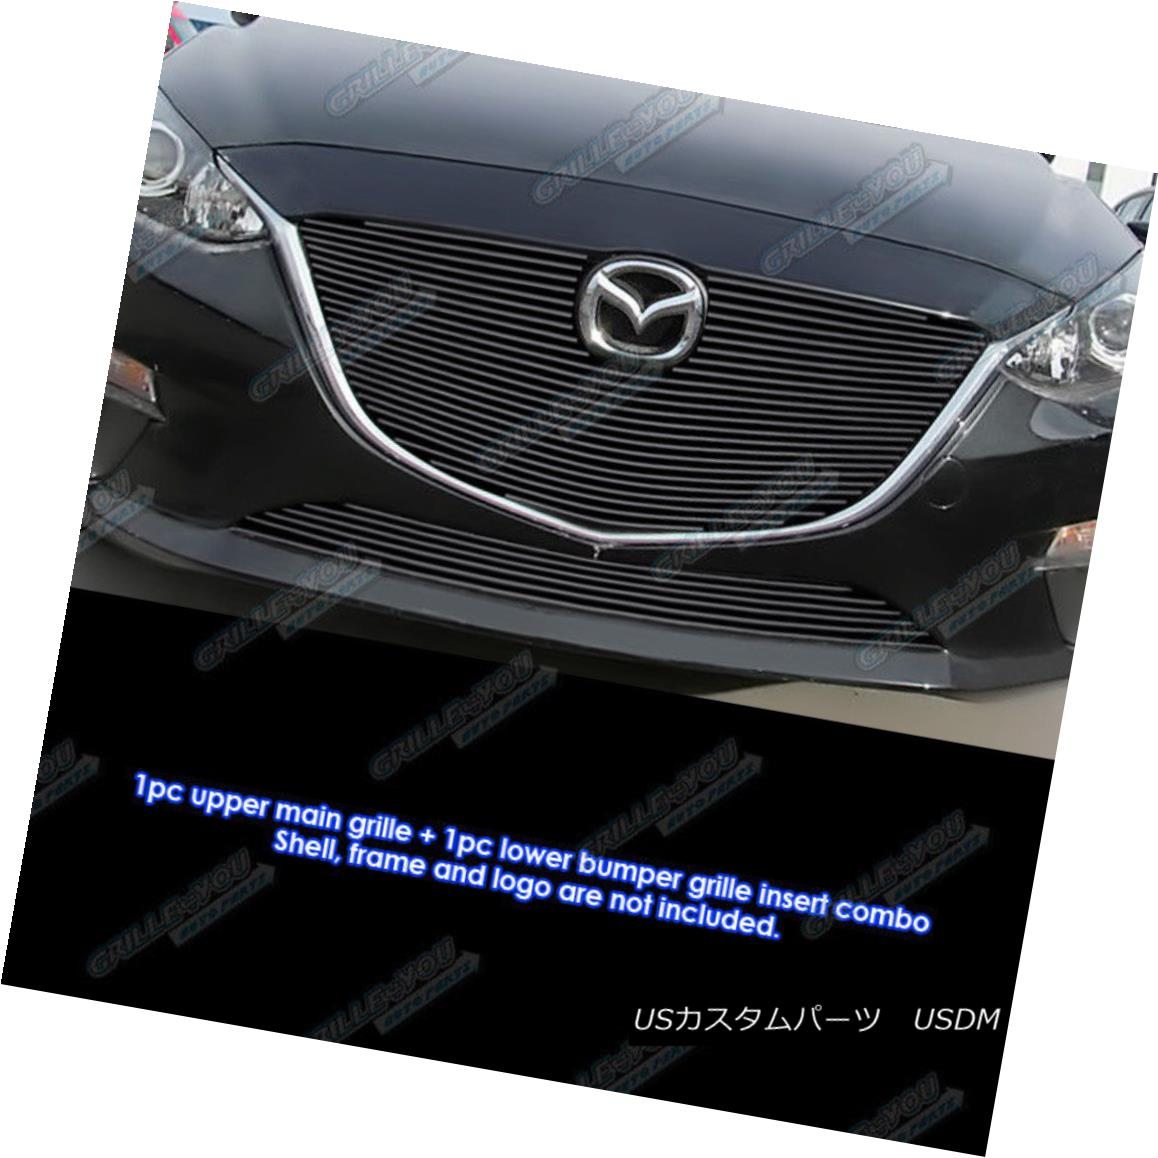 グリル Fits 2014-2015 Mazda 3 Bolt Over Black Billet Grille Combo フィット2014-2015マツダ3ボルトオーバーブラックビレットグリルコンボ